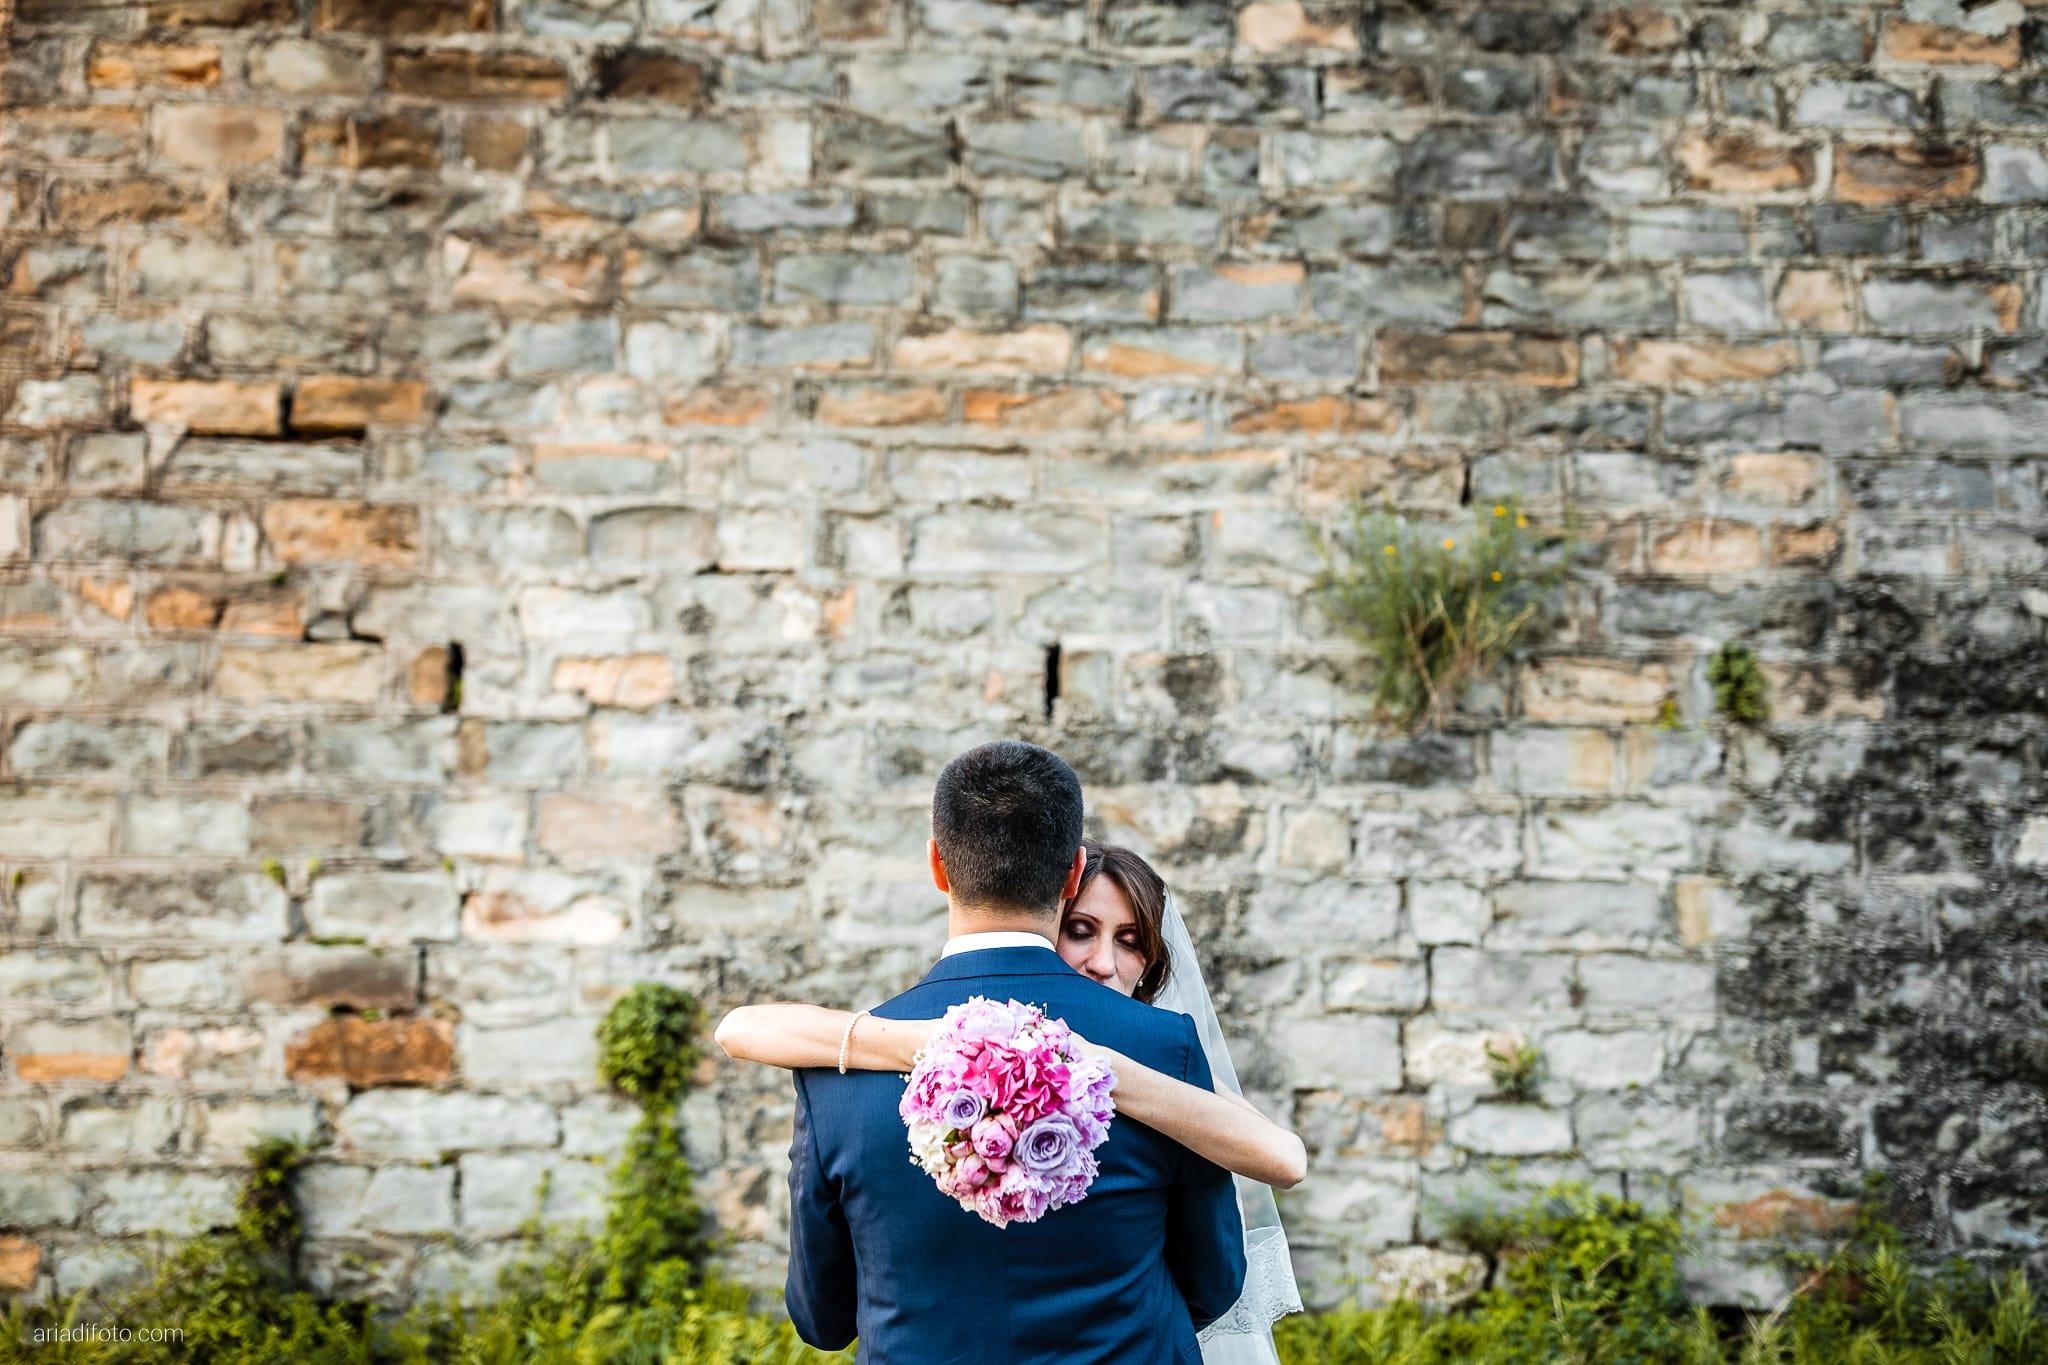 Marina Stefano Matrimonio Castello San Giusto Molo IV Trieste ritratti sposi Porto Vecchio Trieste bouquet